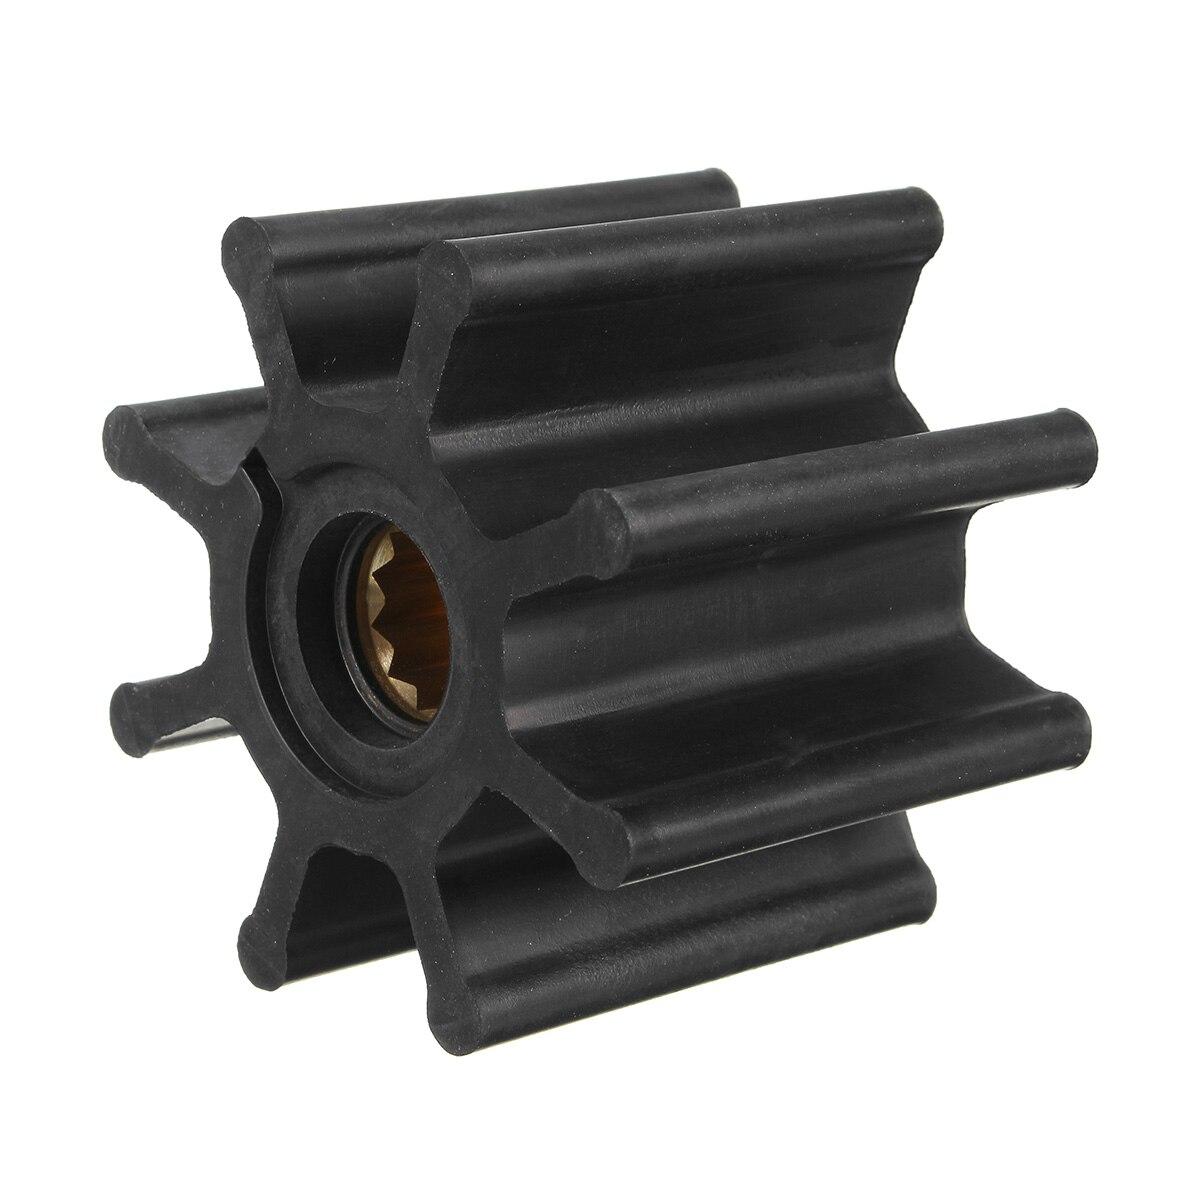 Nueva bomba de agua Kit para el propulsor de goma para VOLVO PENTA #875593-6 877061, 3841697 nuevo